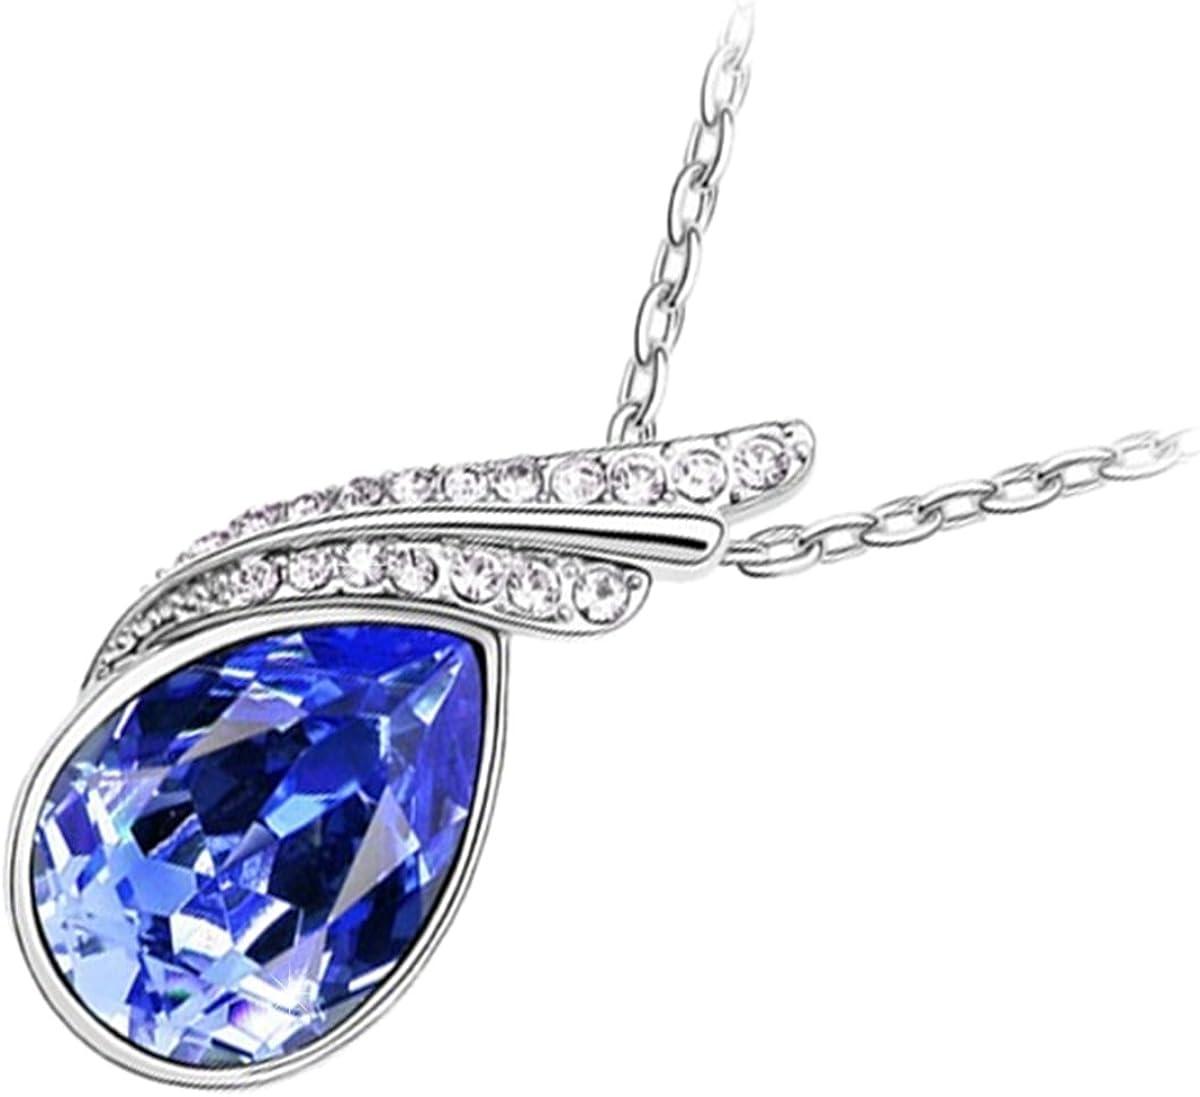 GWG Jewellery Collares Mujer Regalo Collar con Colgante, Chapado en Plata de Ley Cristal Central de Gota de Agua de Colores Varios Adornado con 2 Bandas de Cristales Diamante Claros para Mujeres